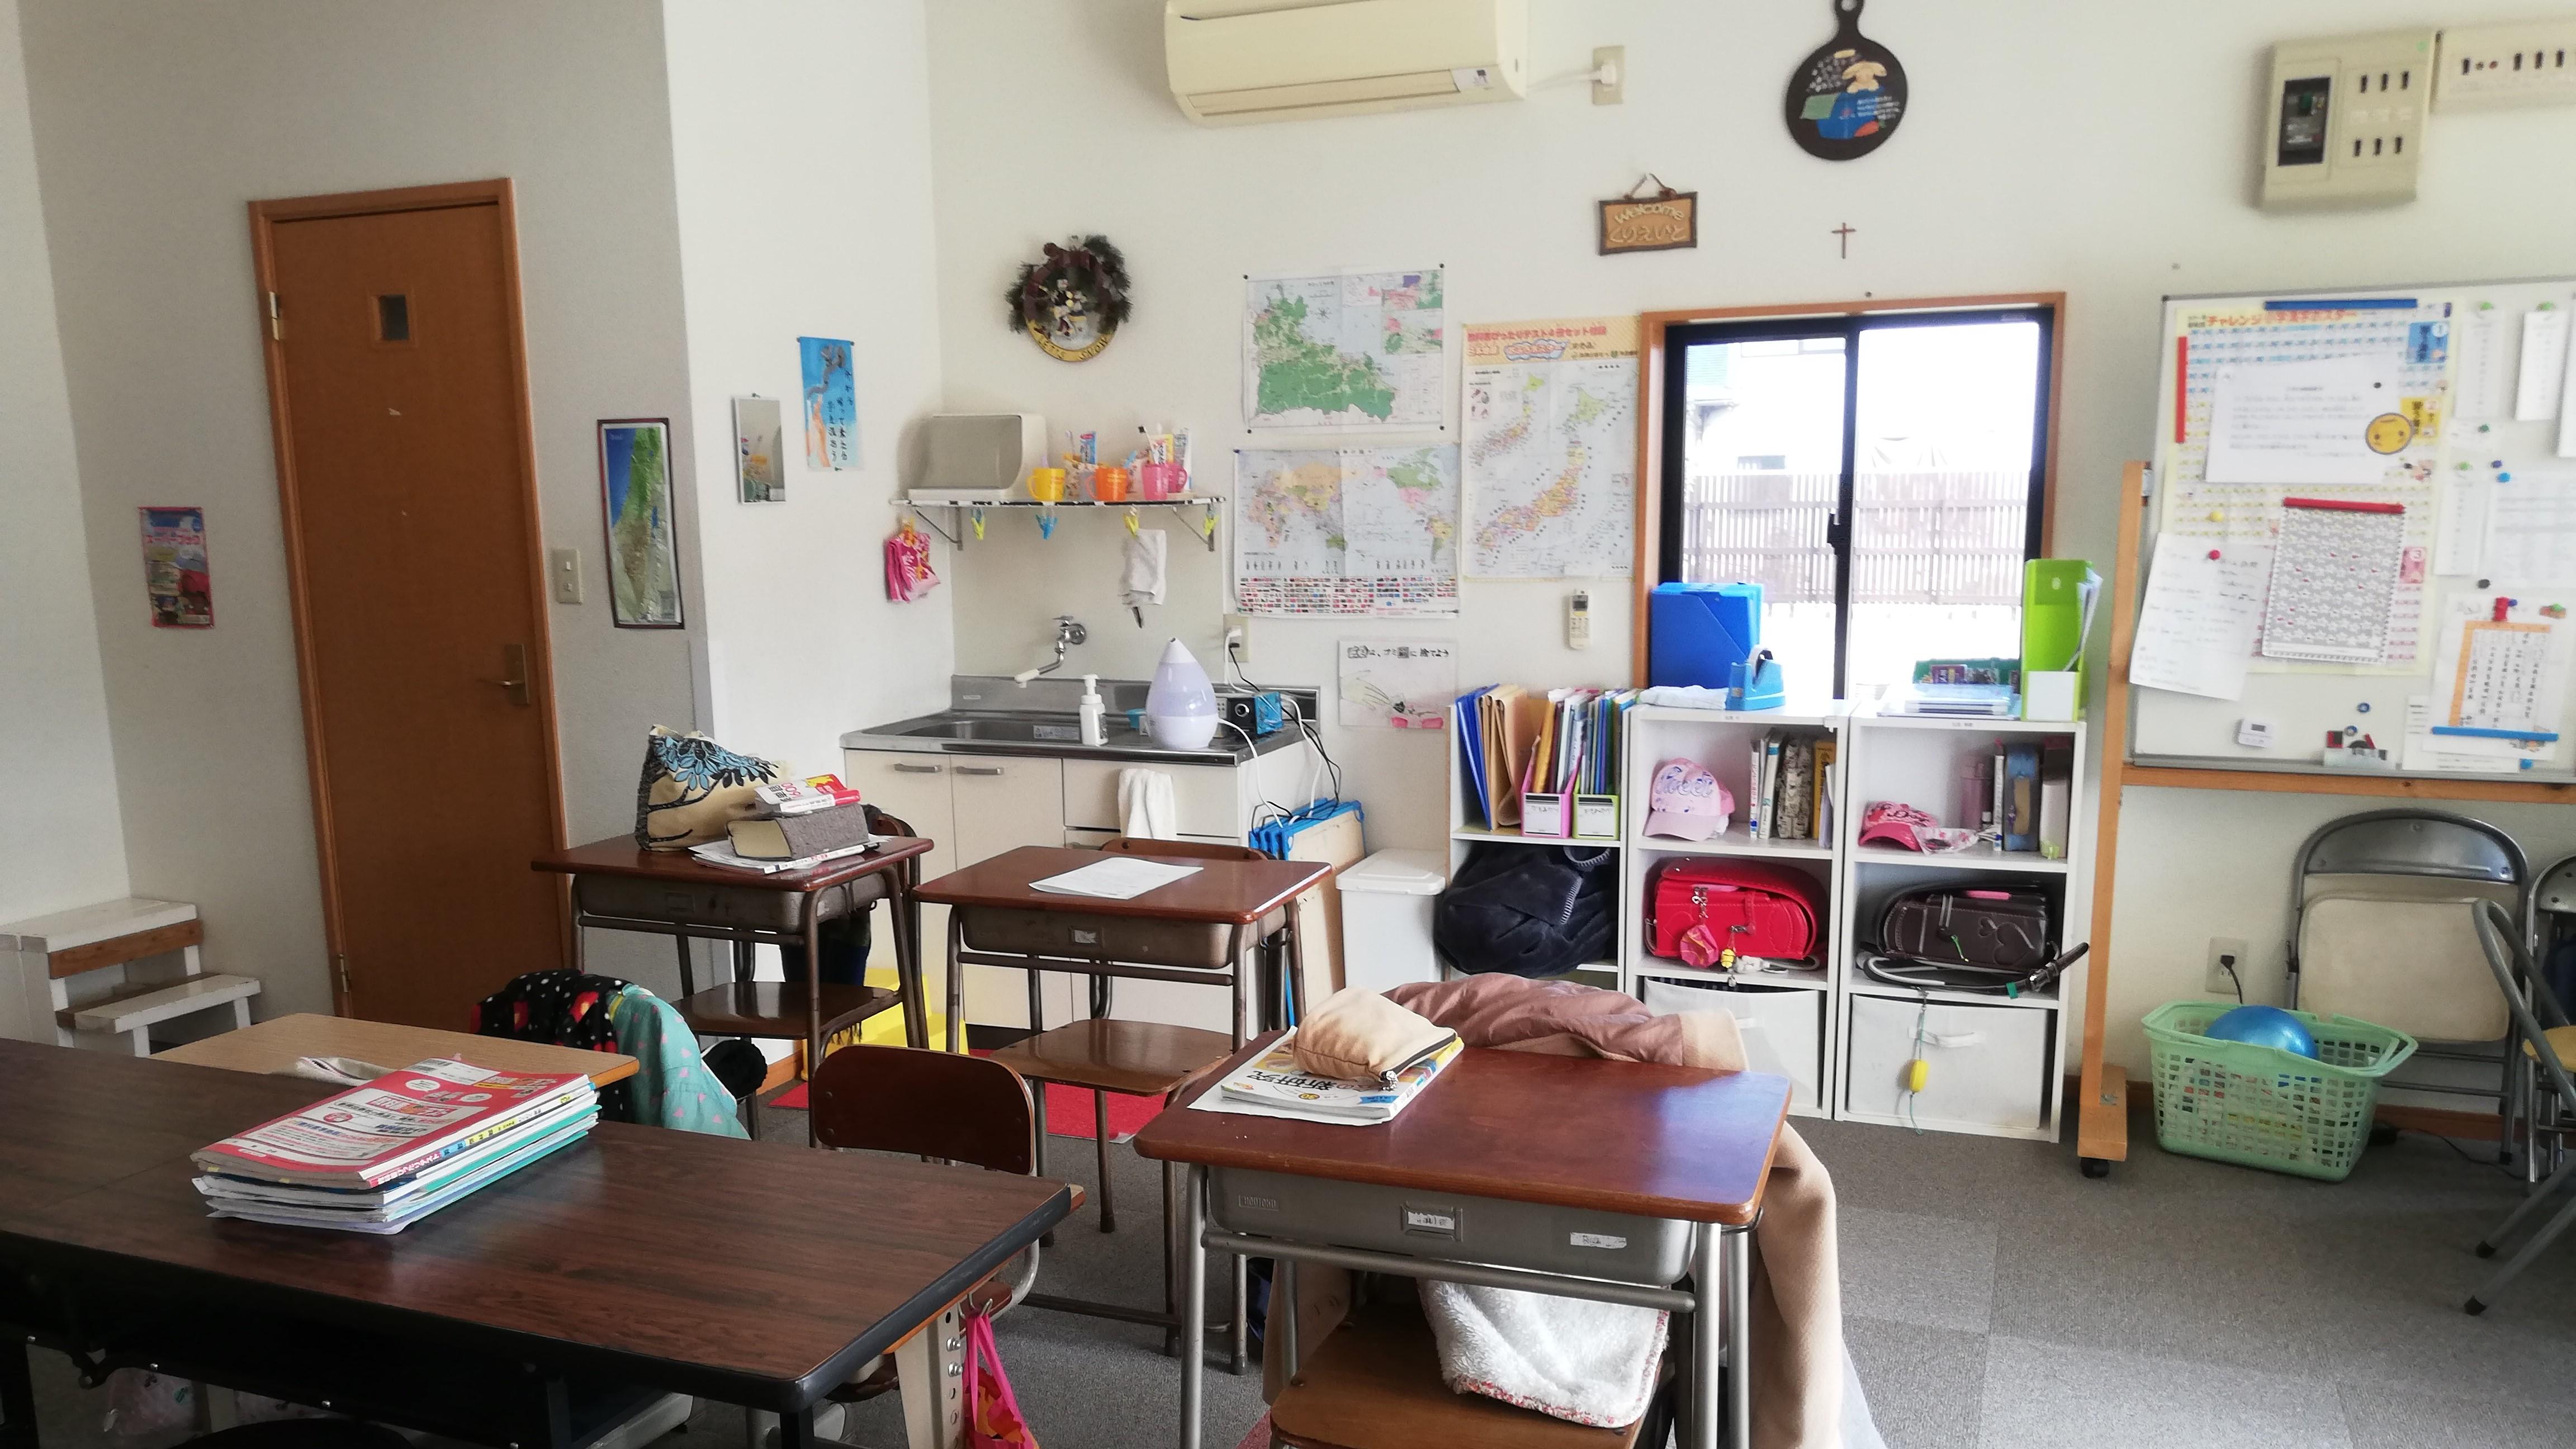 小学生の子ども達が学ぶ教室